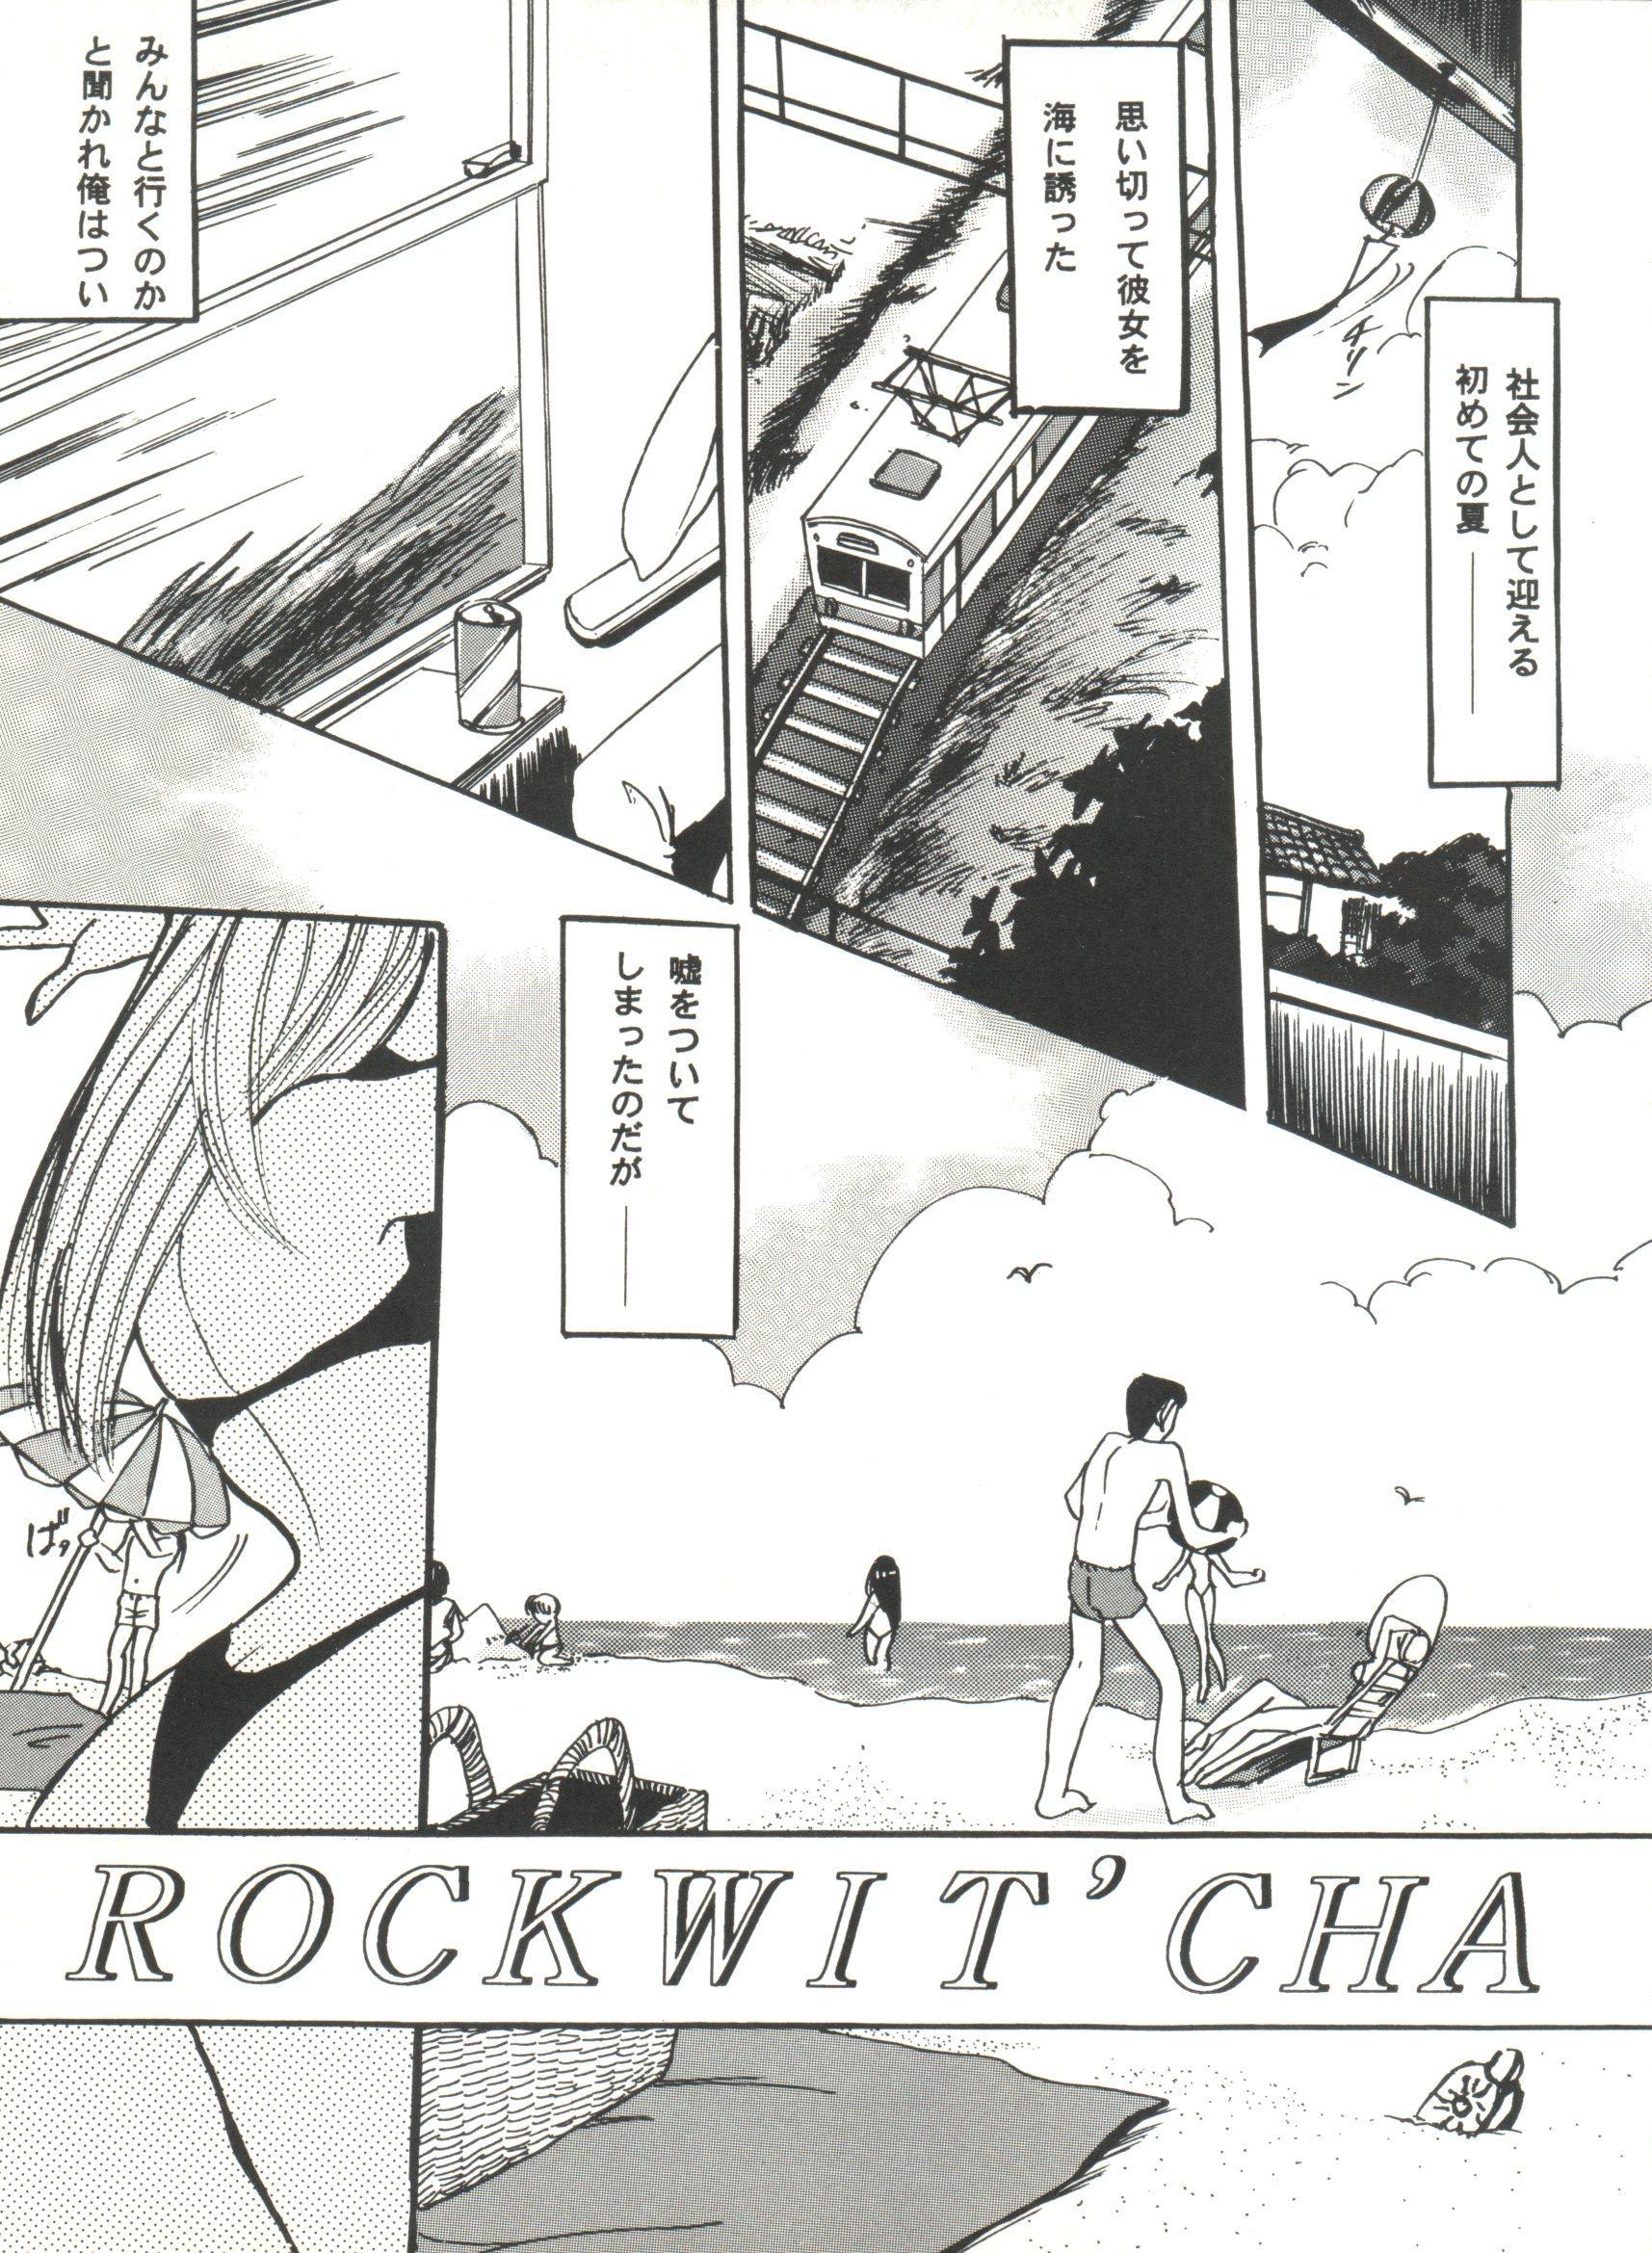 Bishoujo Doujinshi Anthology Cute 4 4